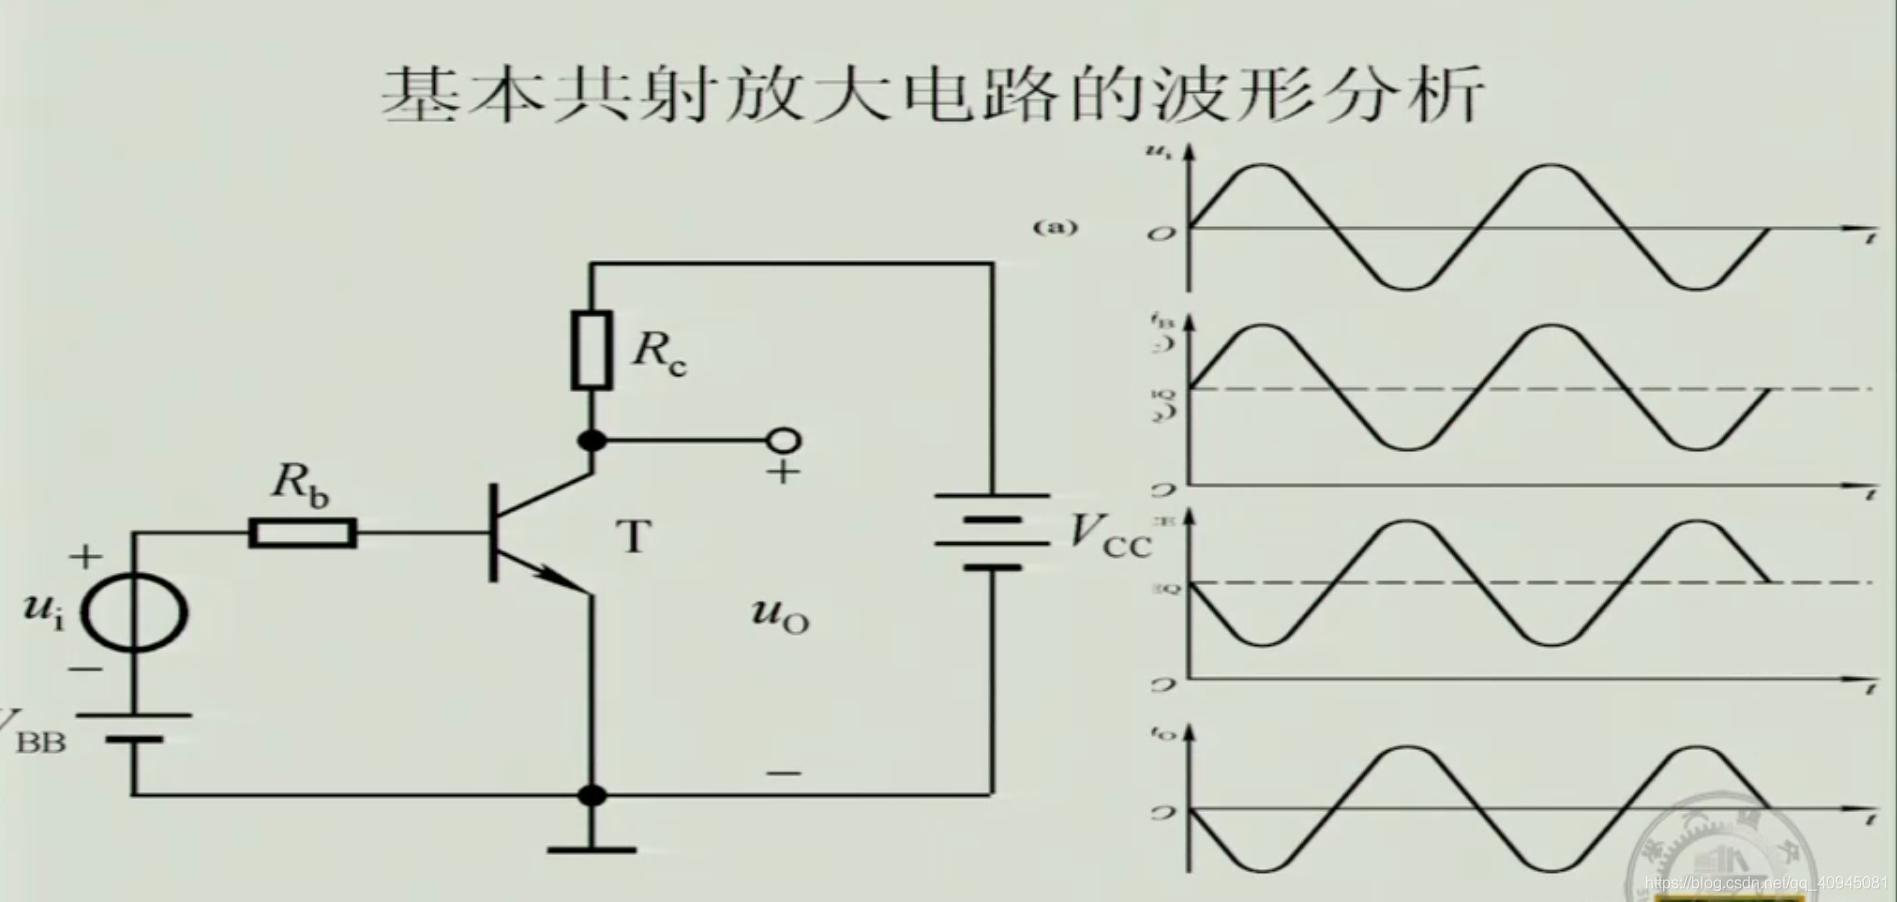 共射波形分析